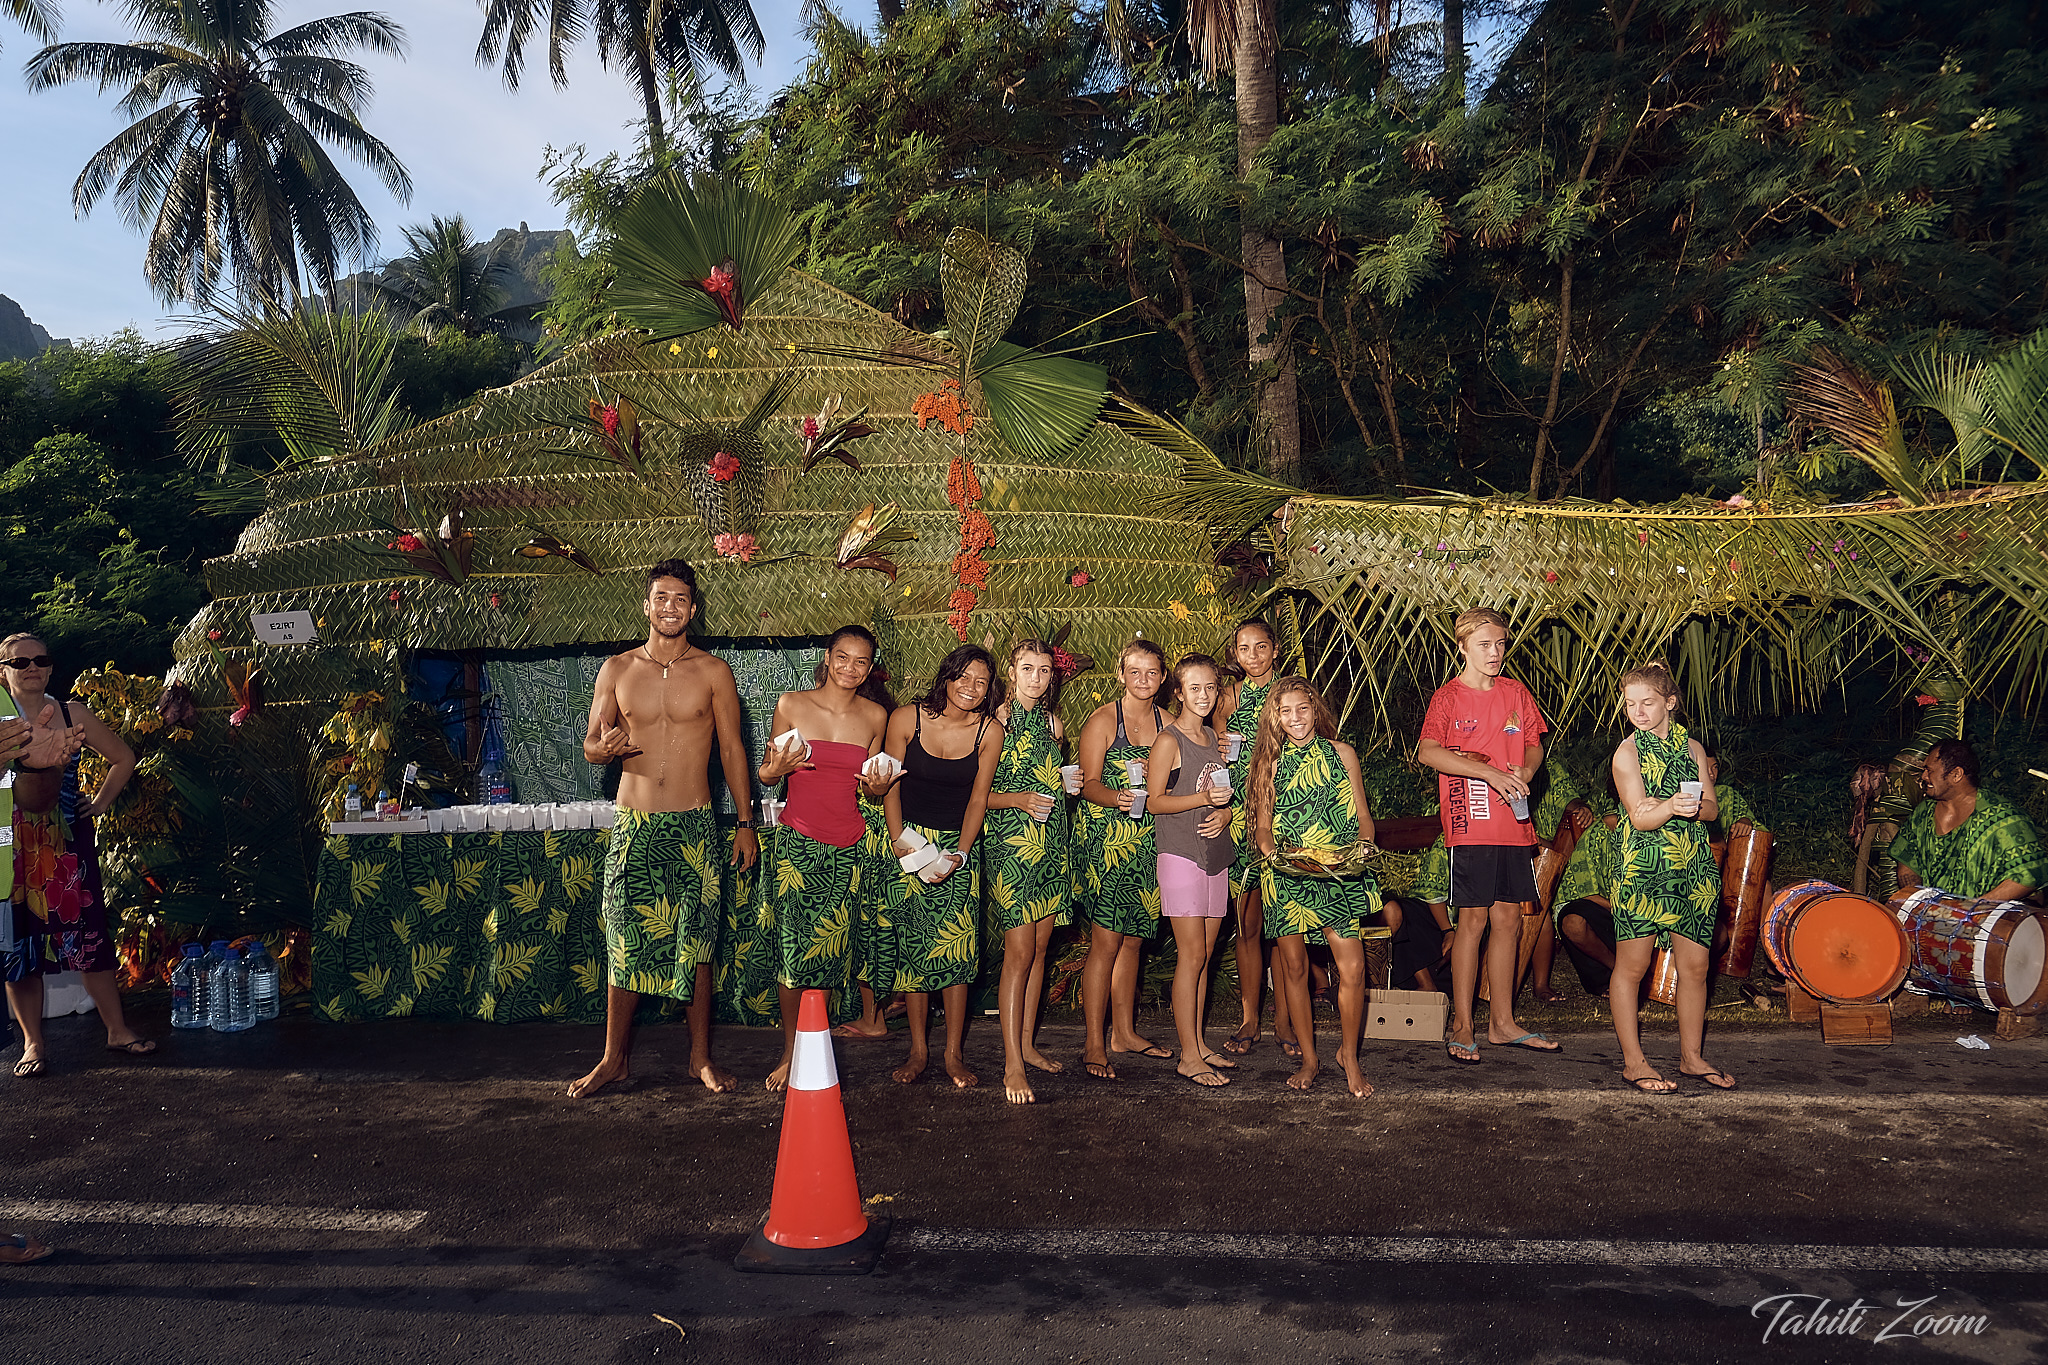 Le tressage était le thème de cette année sur les stands de ravitaillement © Tahiti Zoom/Moorea Events